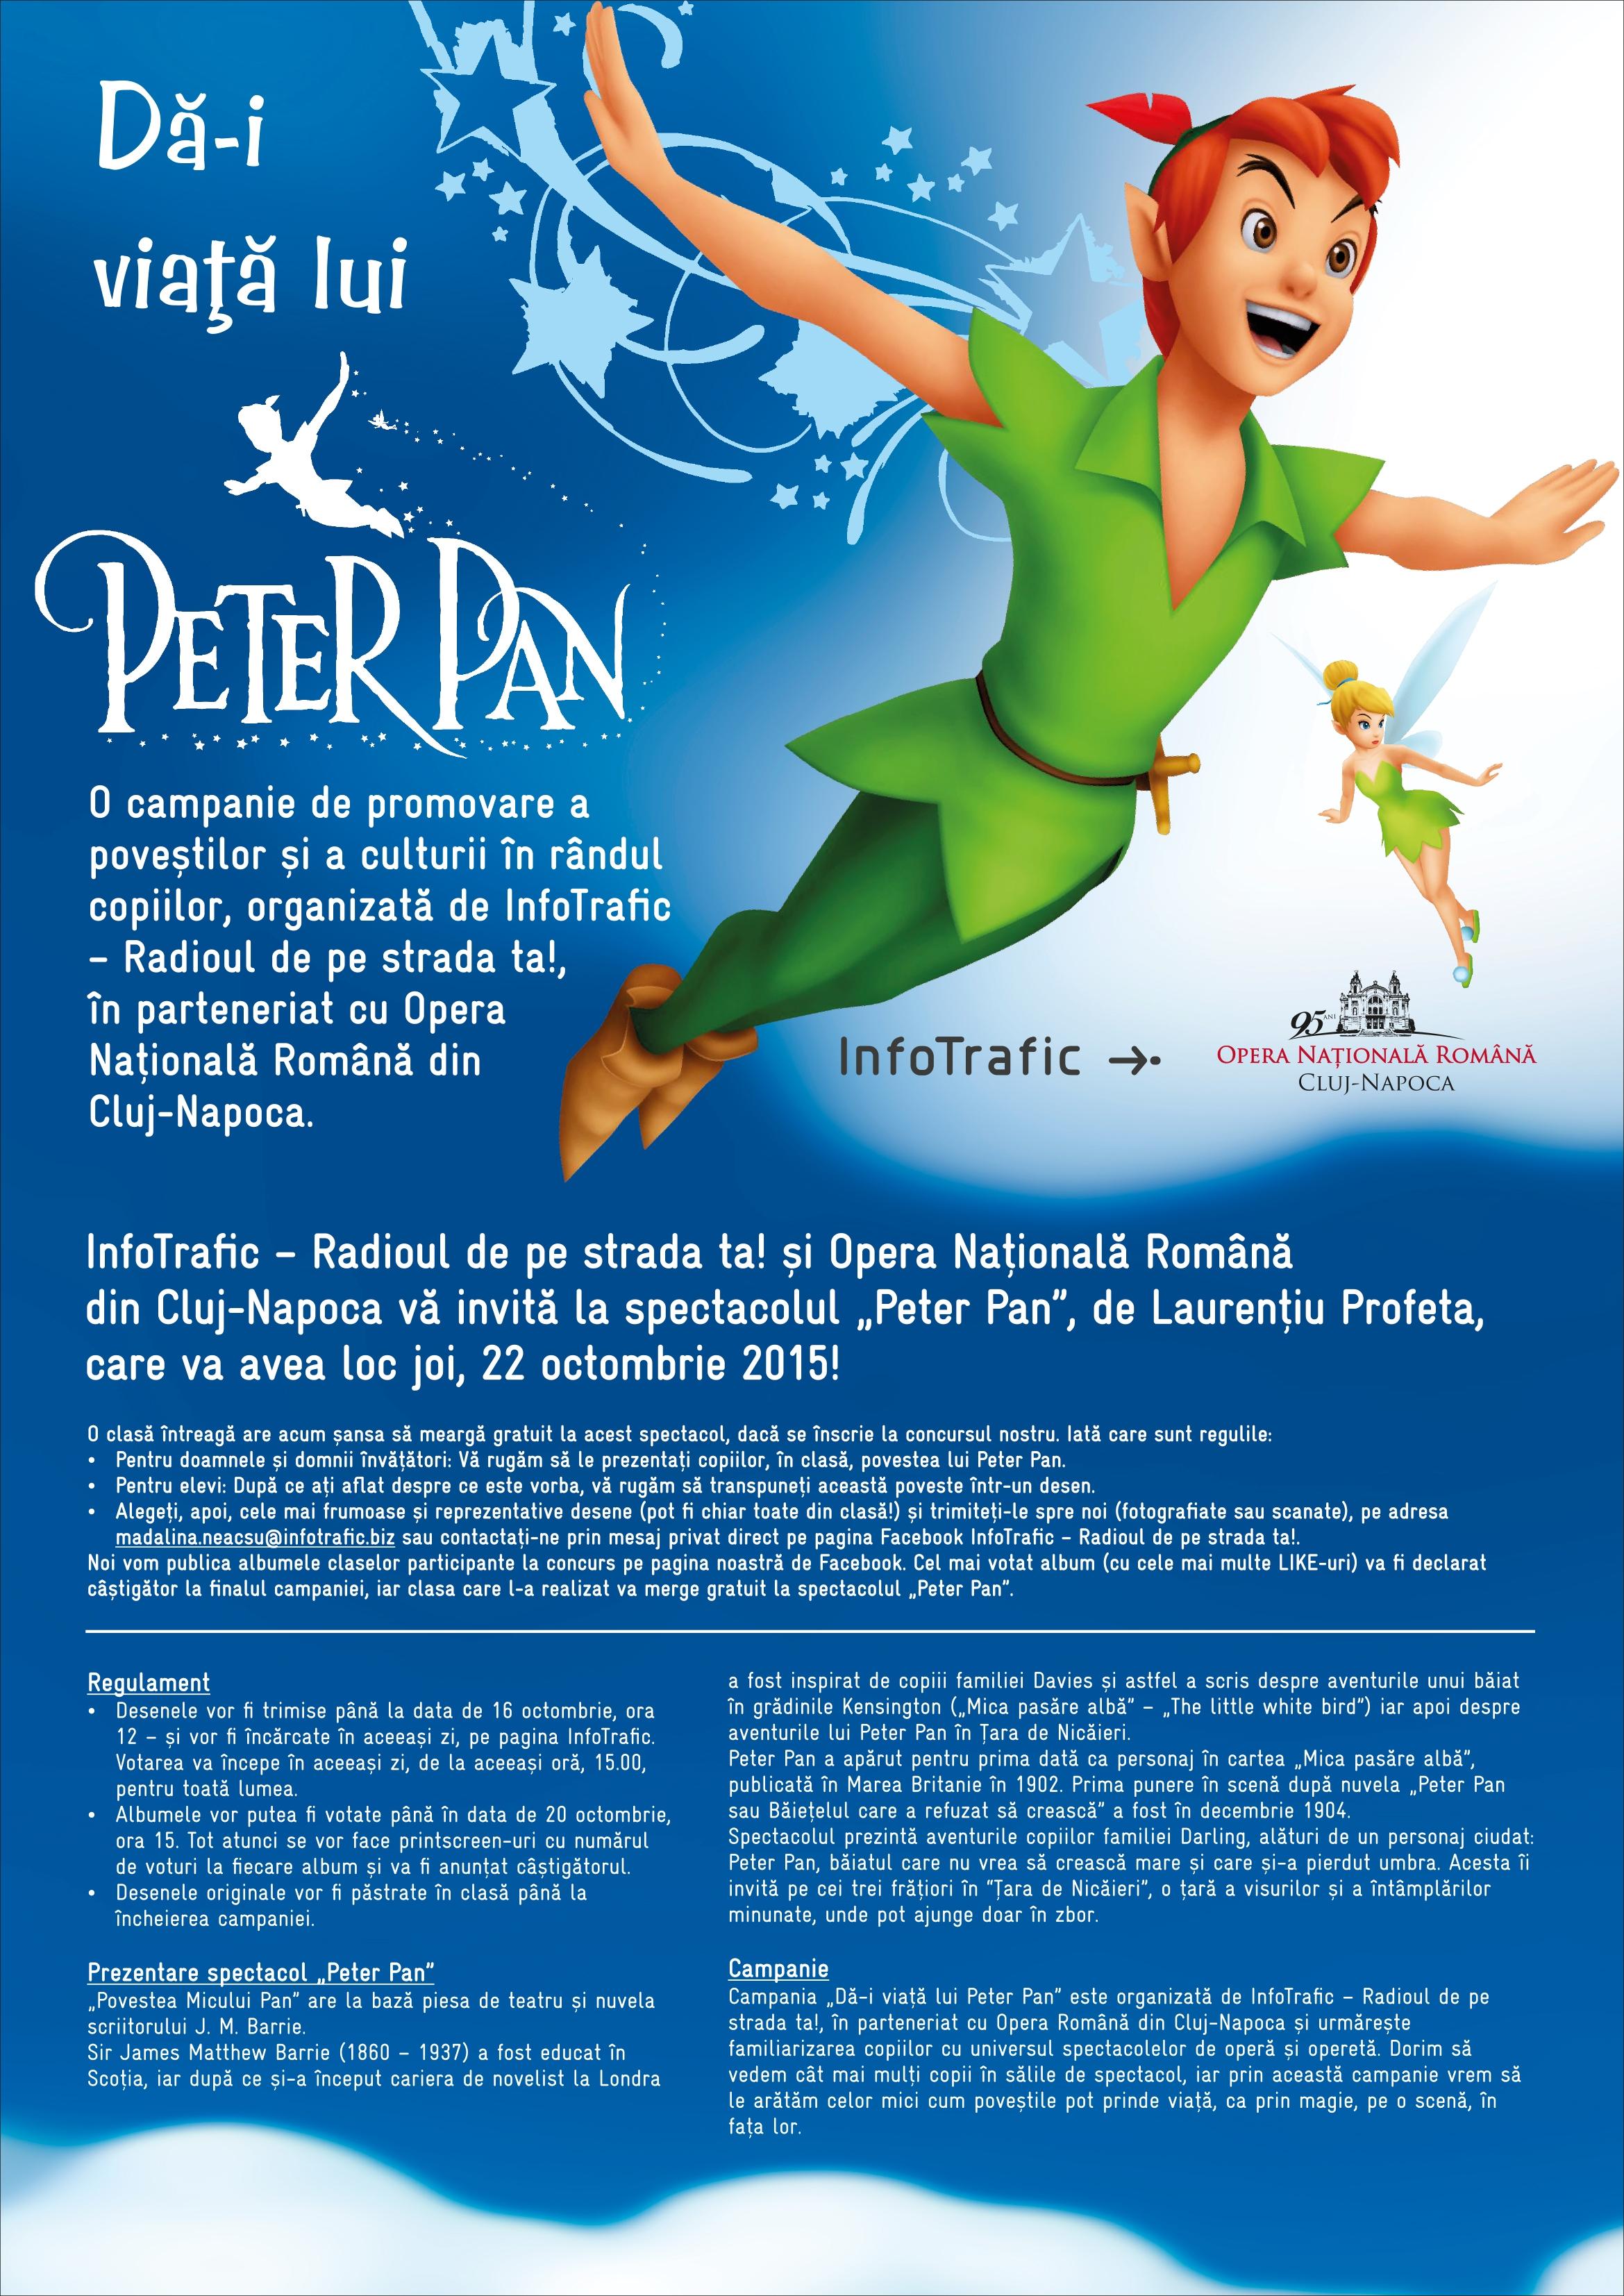 Campania Peter Pan